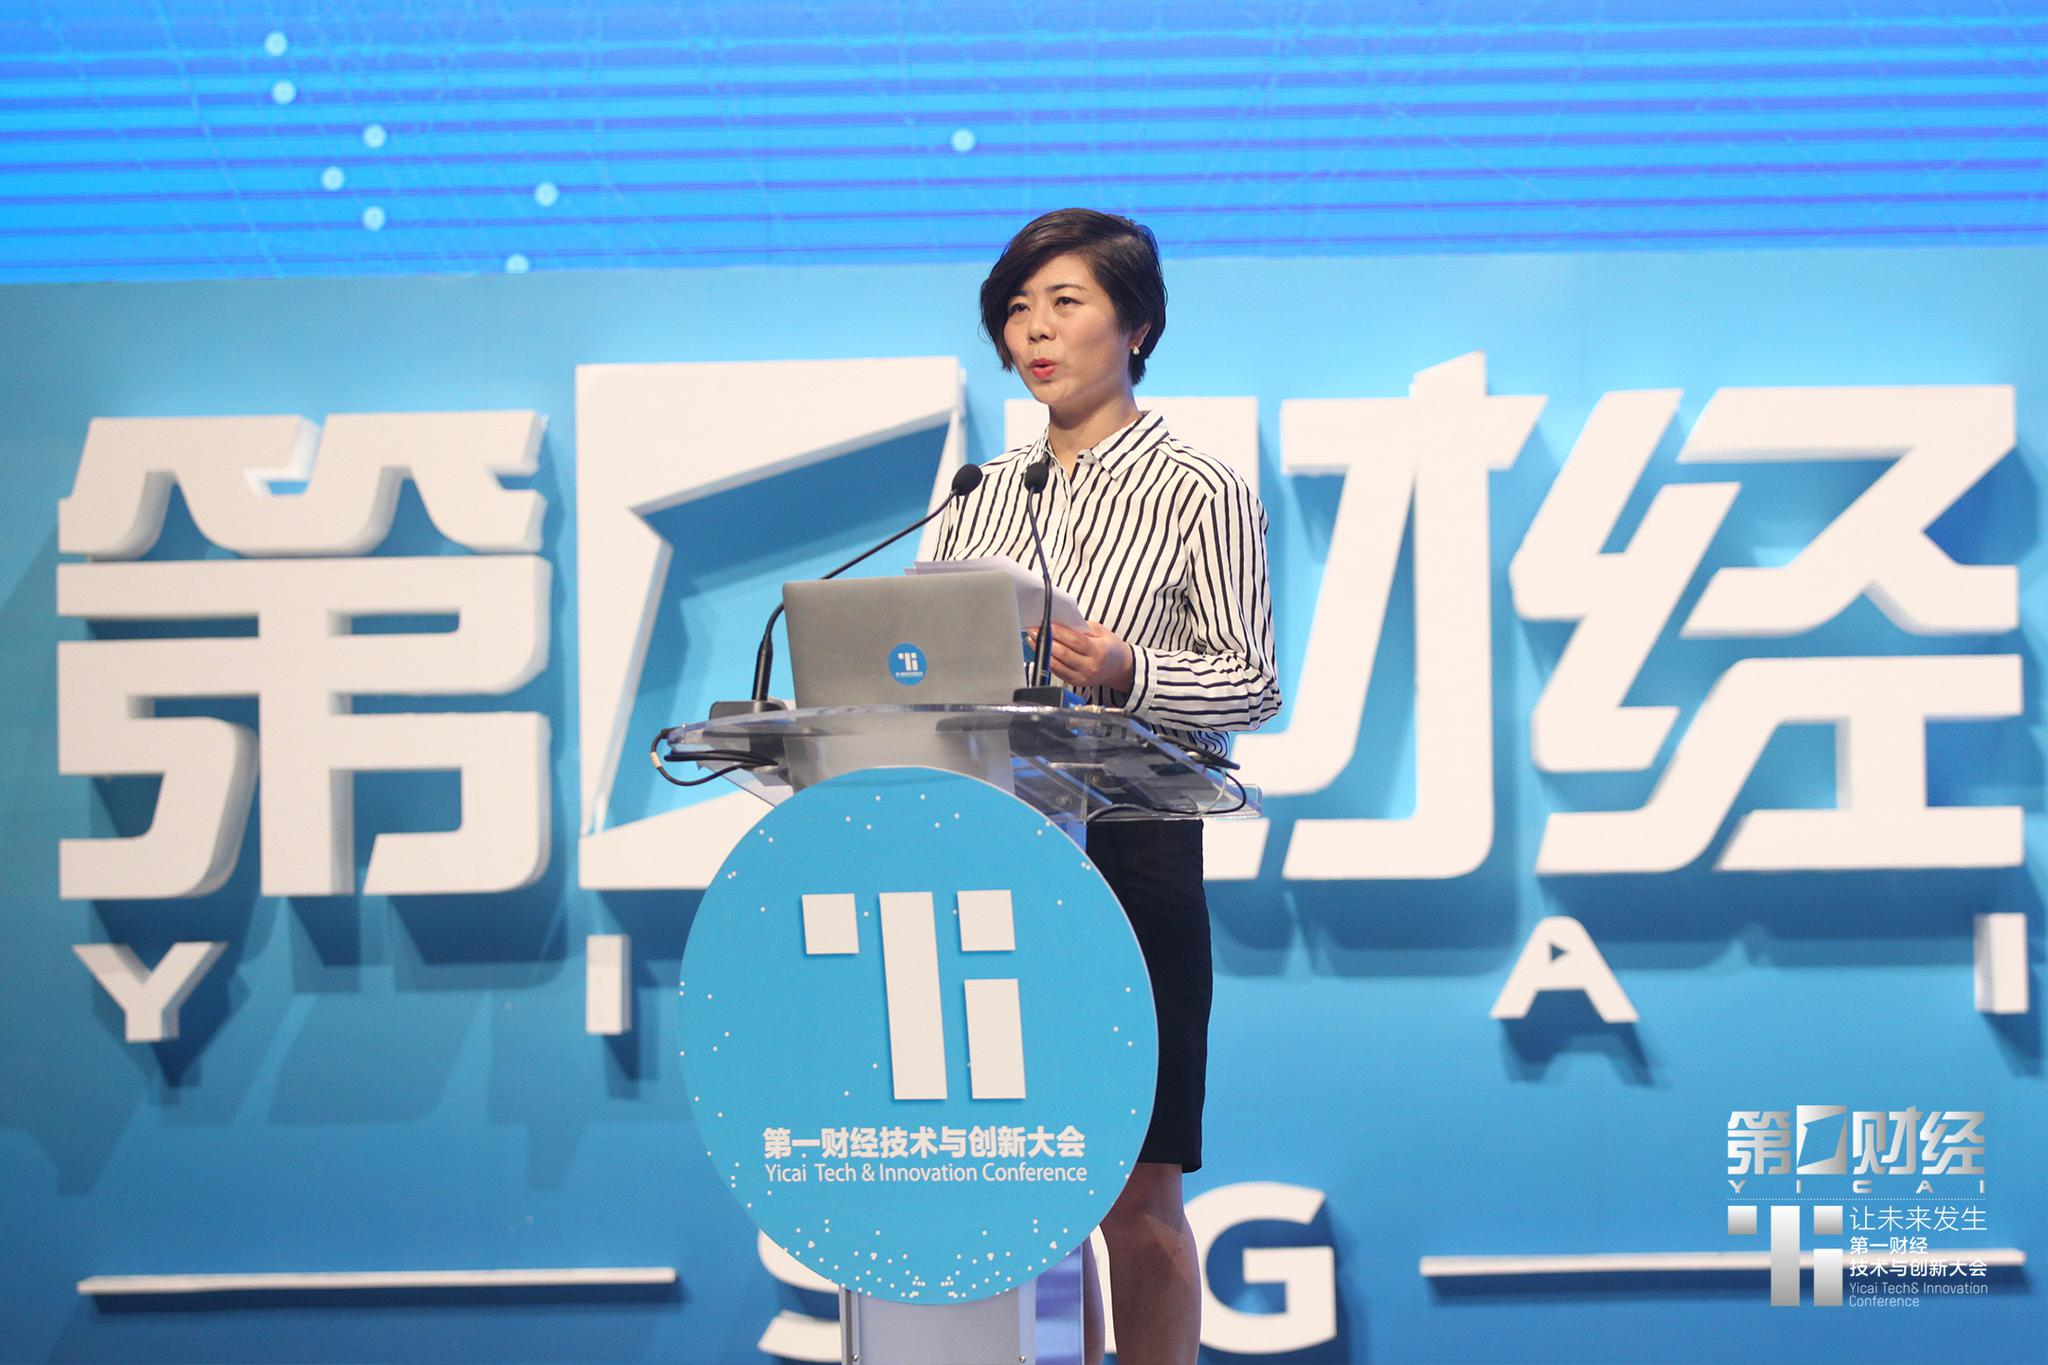 第一财经董事长李蓉:中国是全球创新中